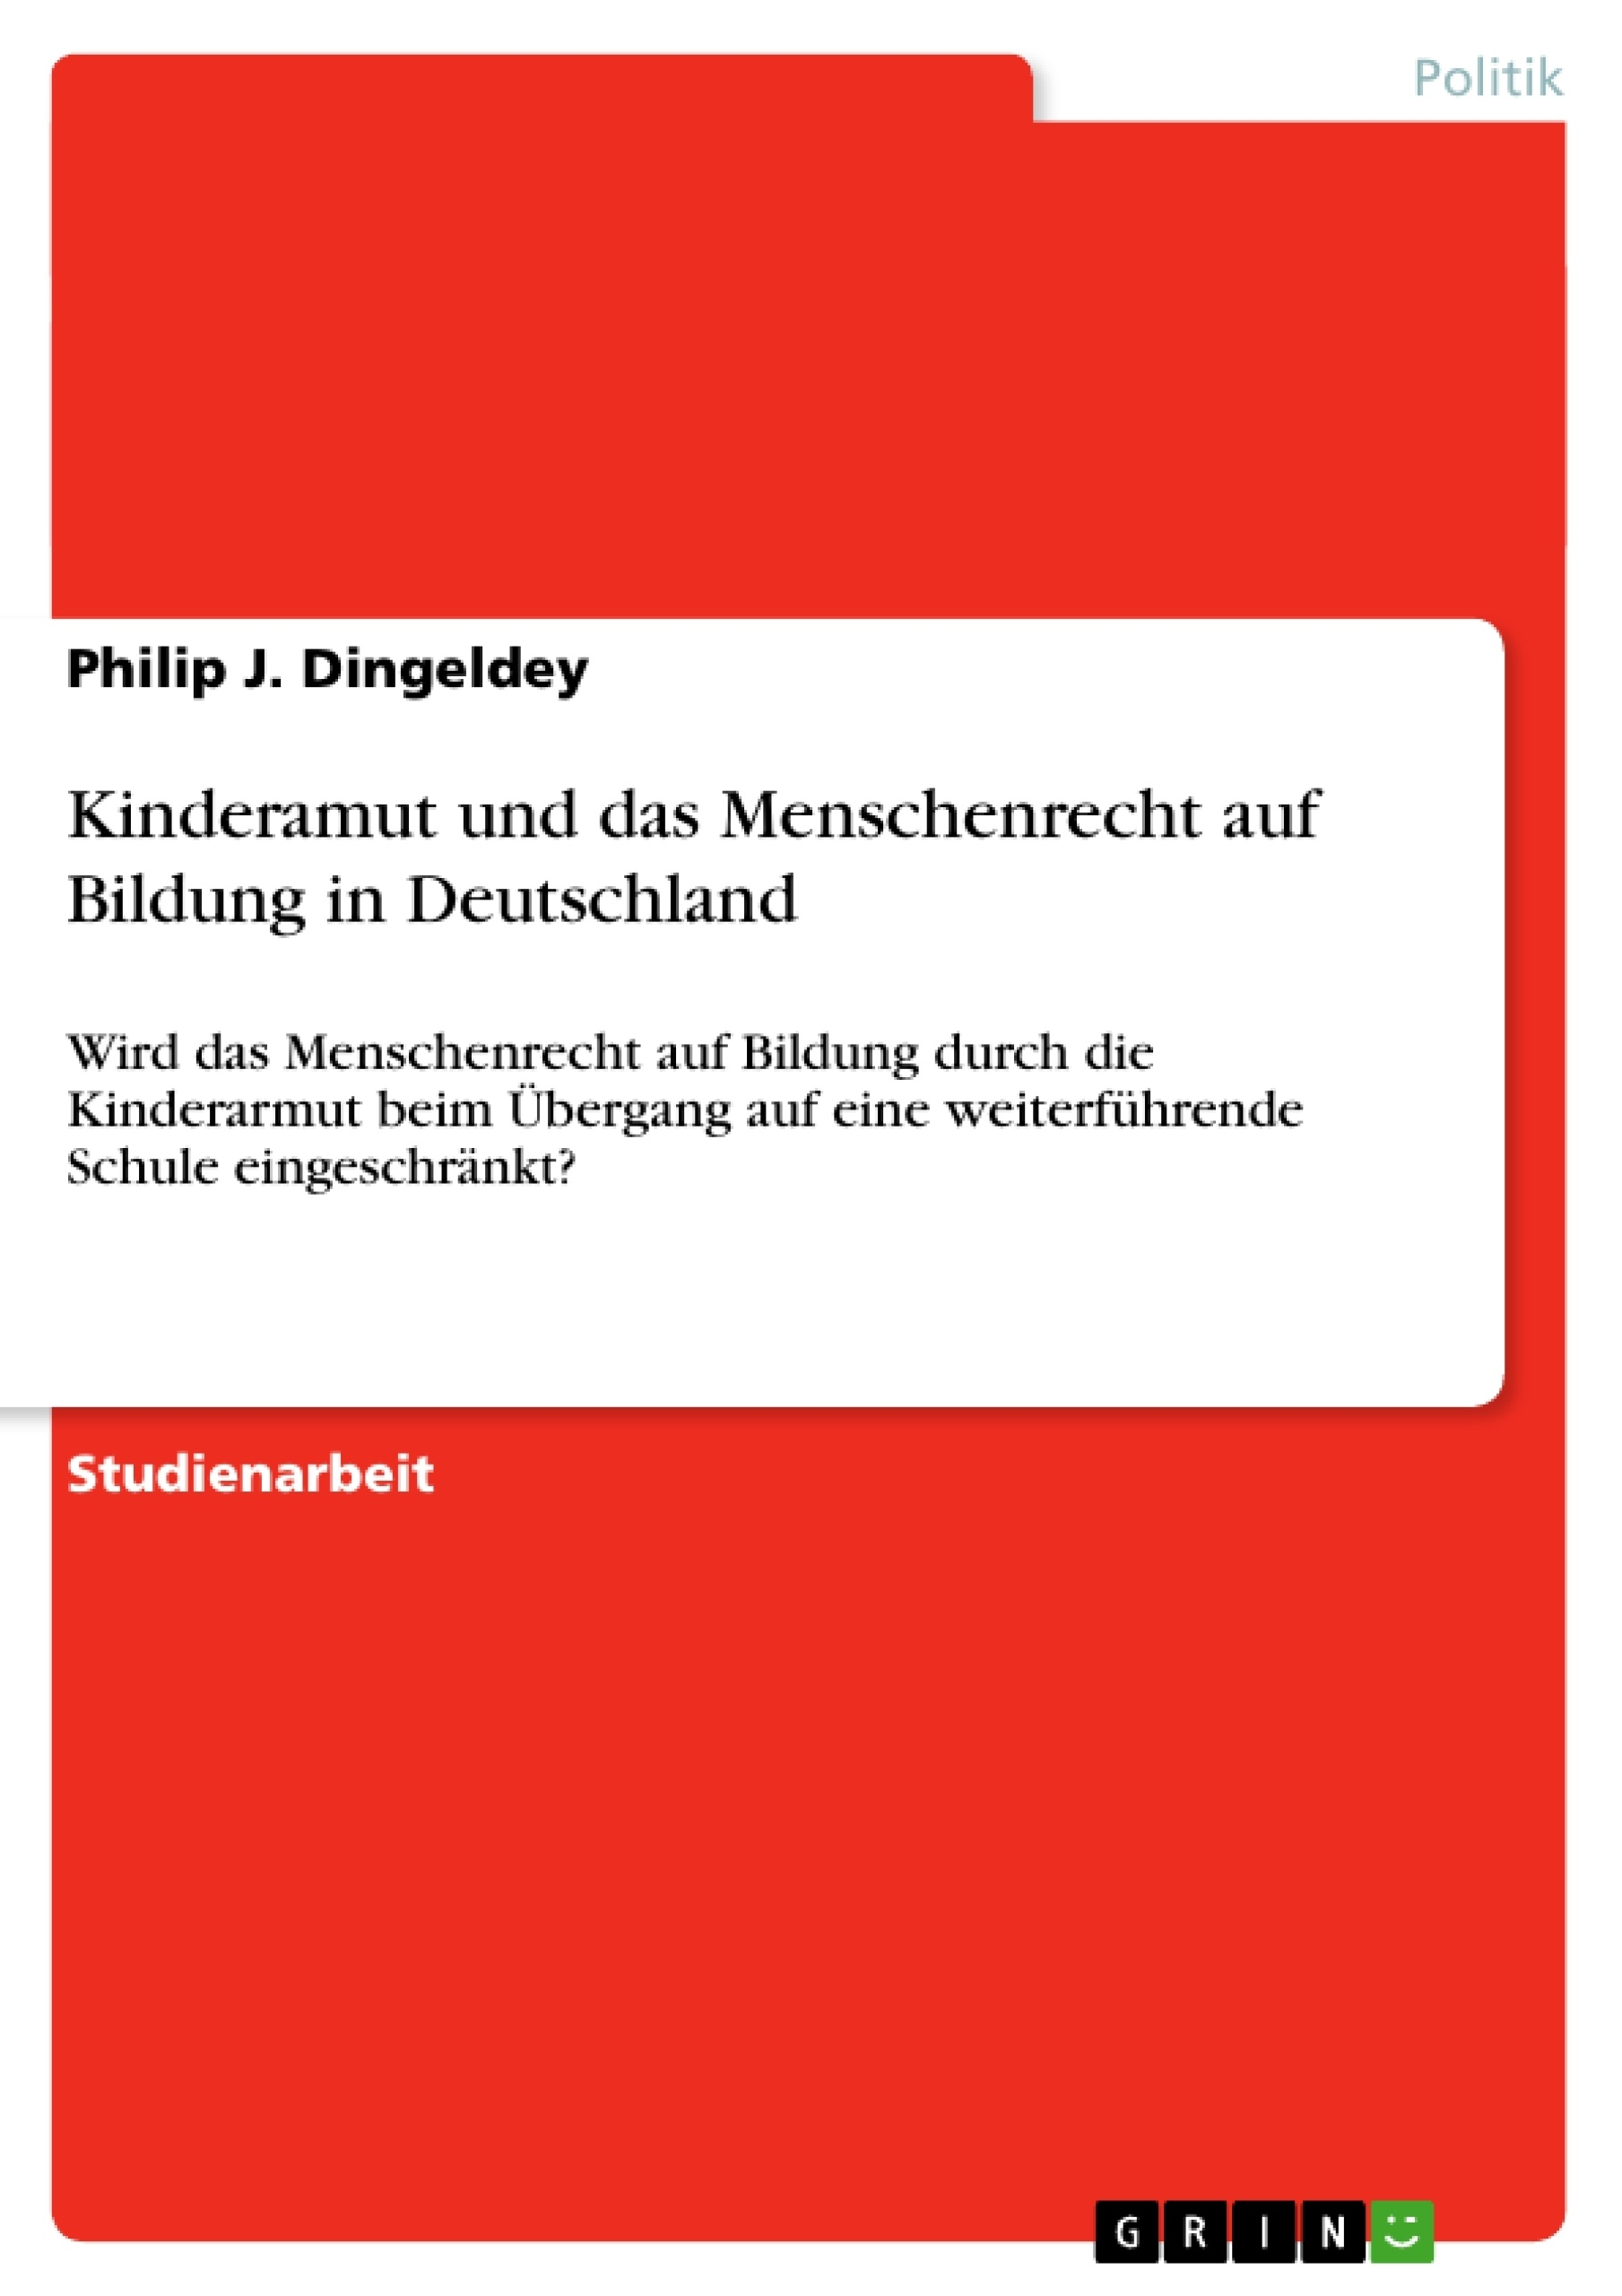 Titel: Kinderamut und das Menschenrecht auf Bildung in Deutschland